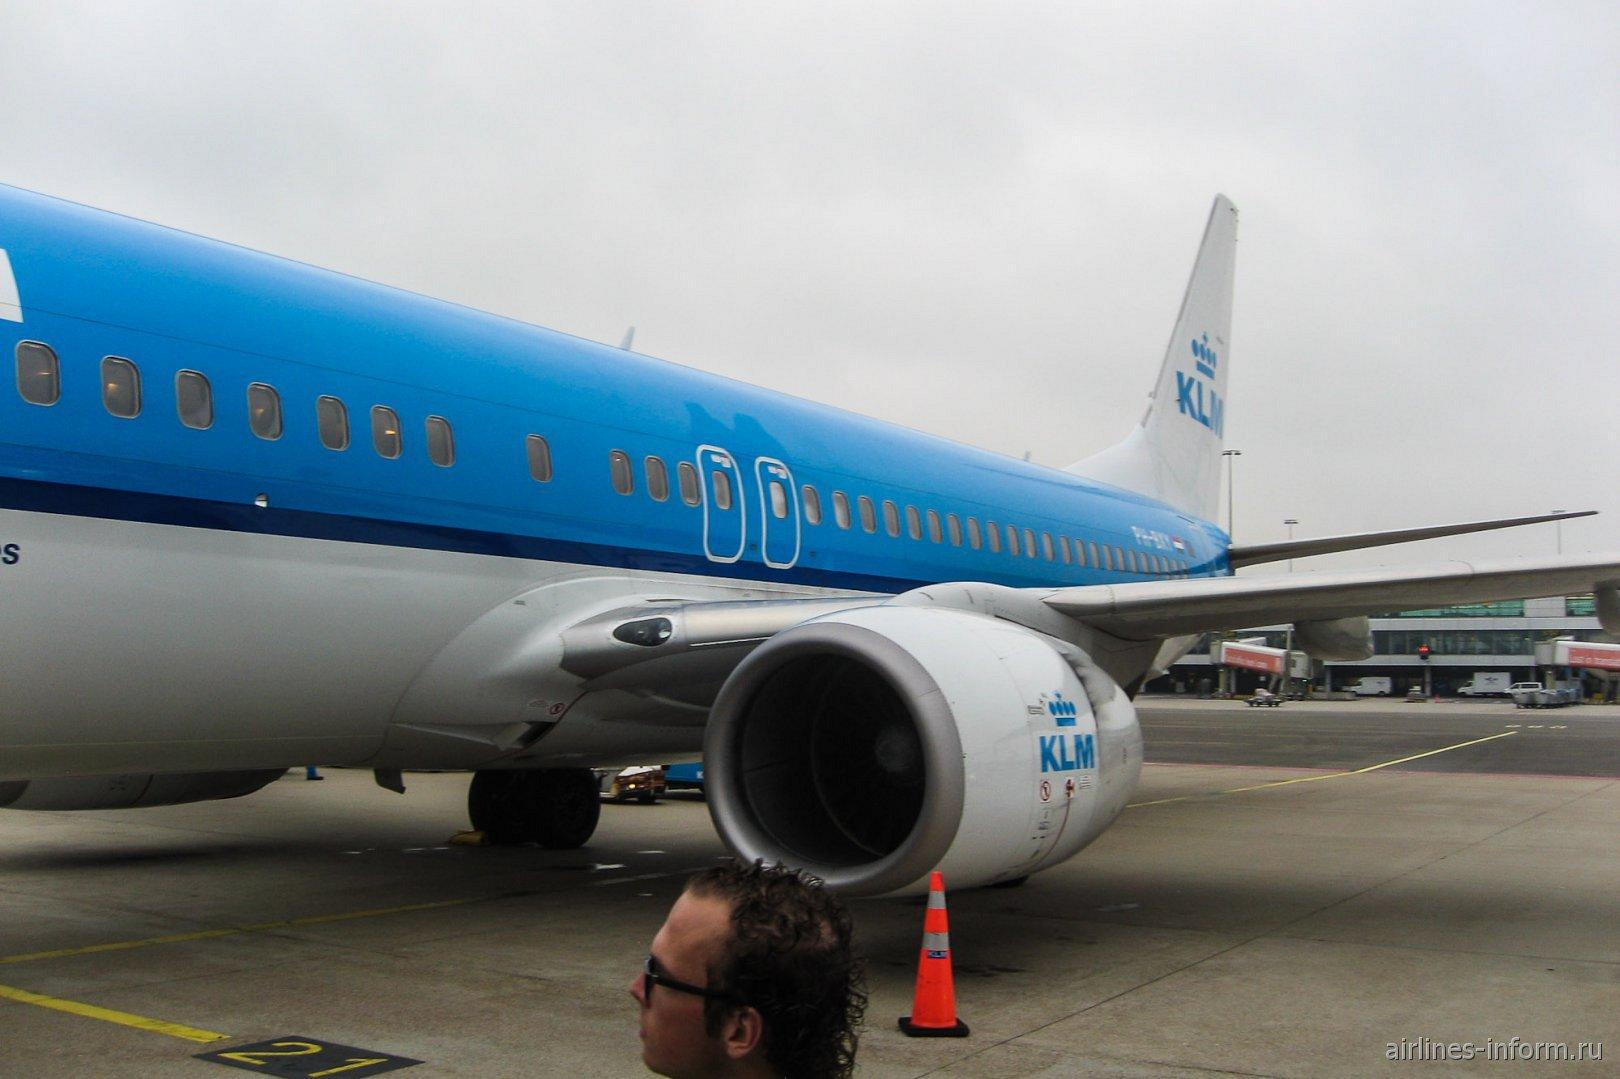 Боинг-737-800 KLM прибыл из Москвы в Амстердам